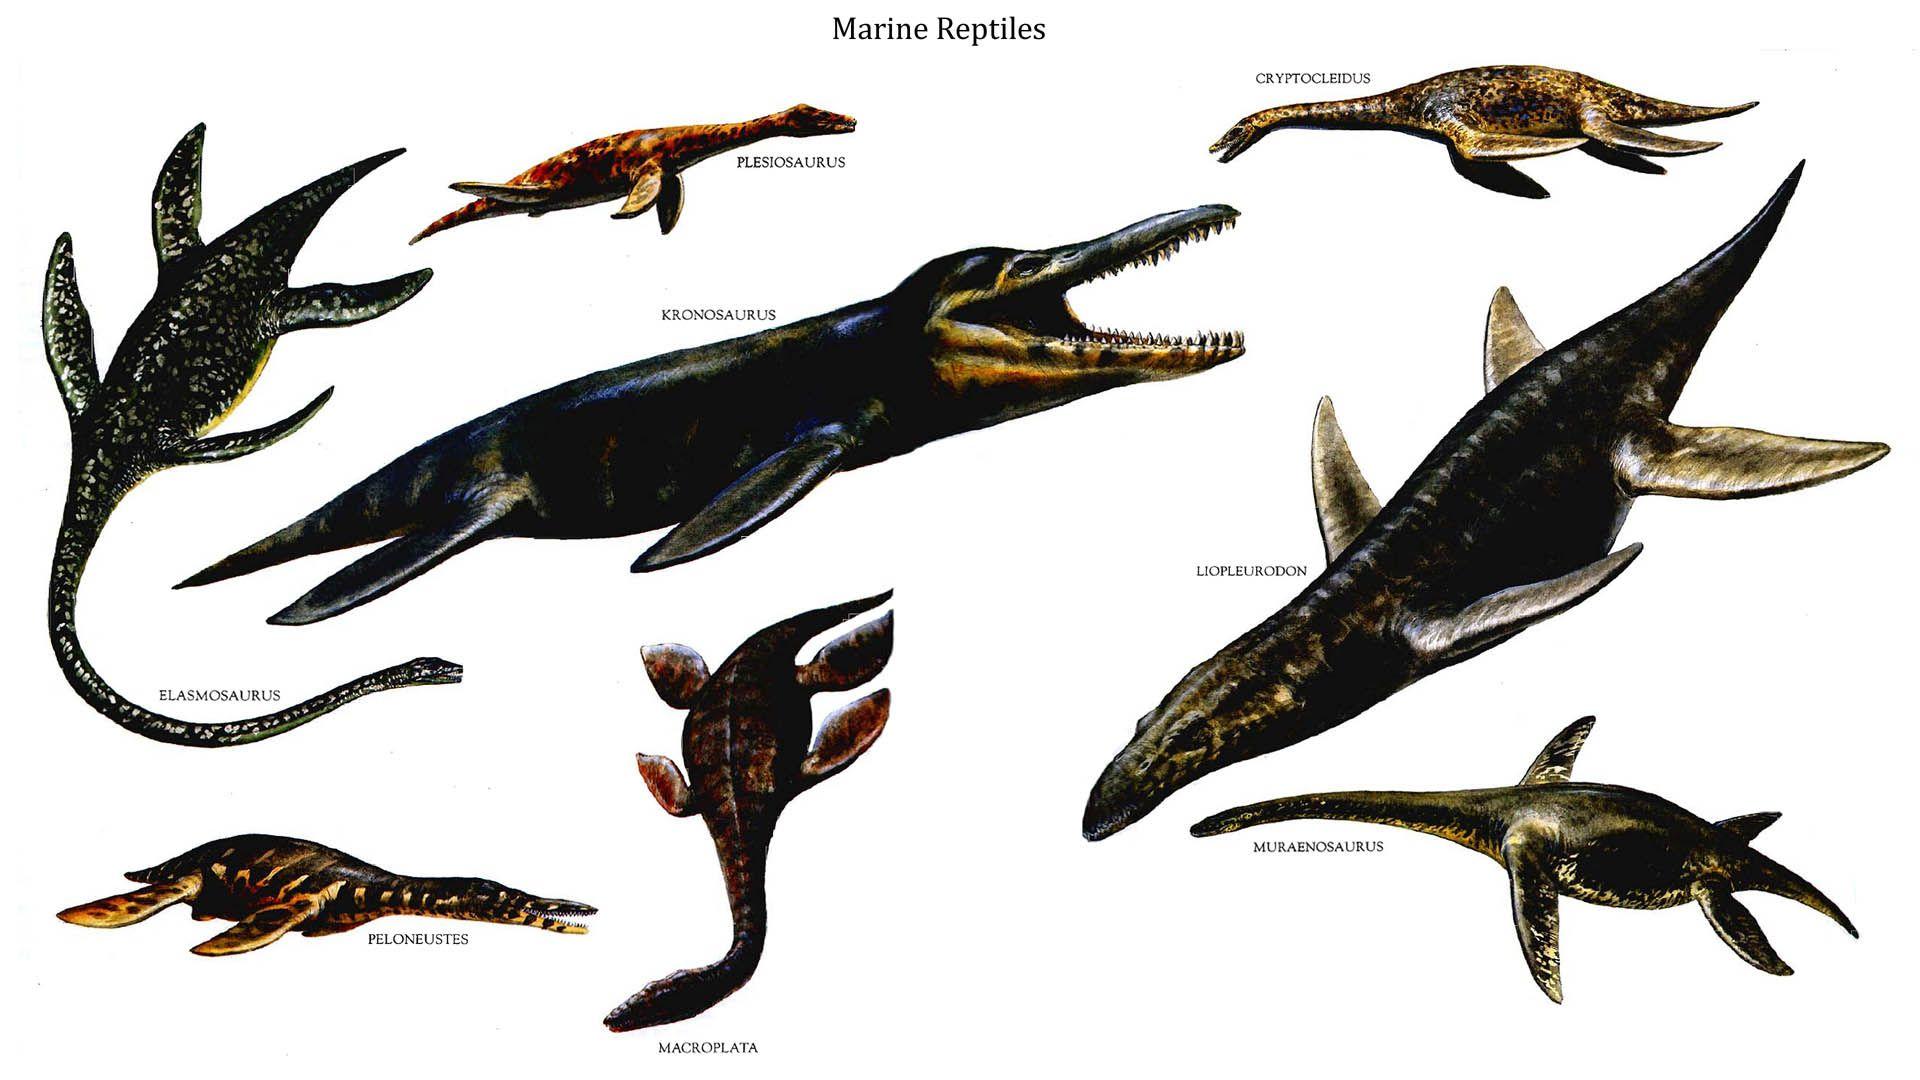 Reptilian Marine Reptiles Prehistoric animals, Dinosaur